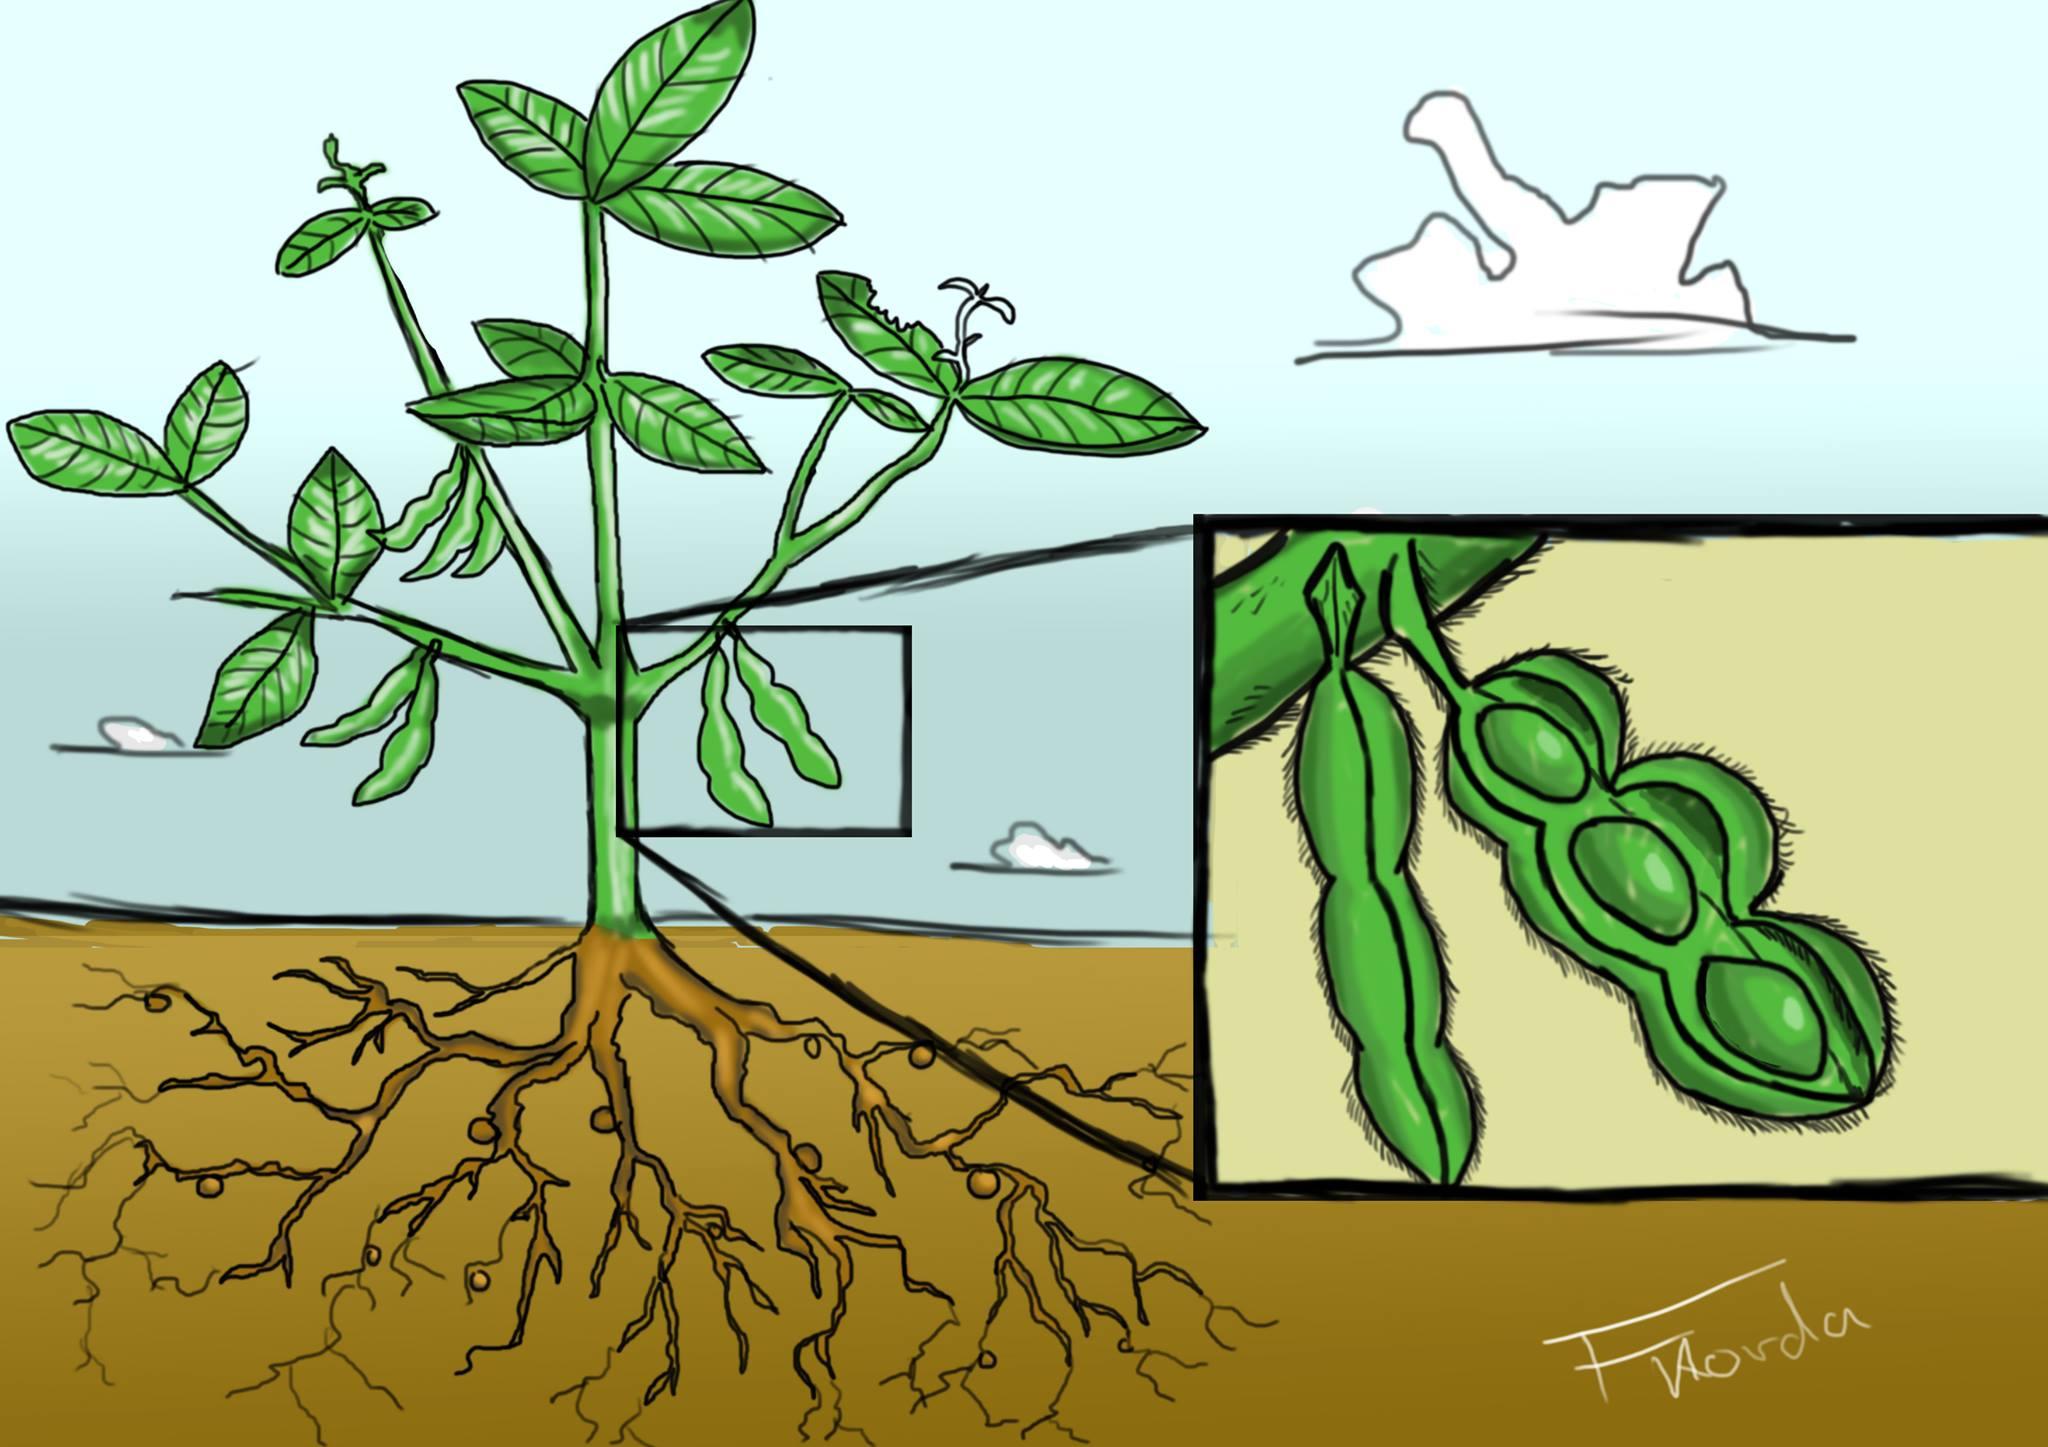 soybeans felix korda